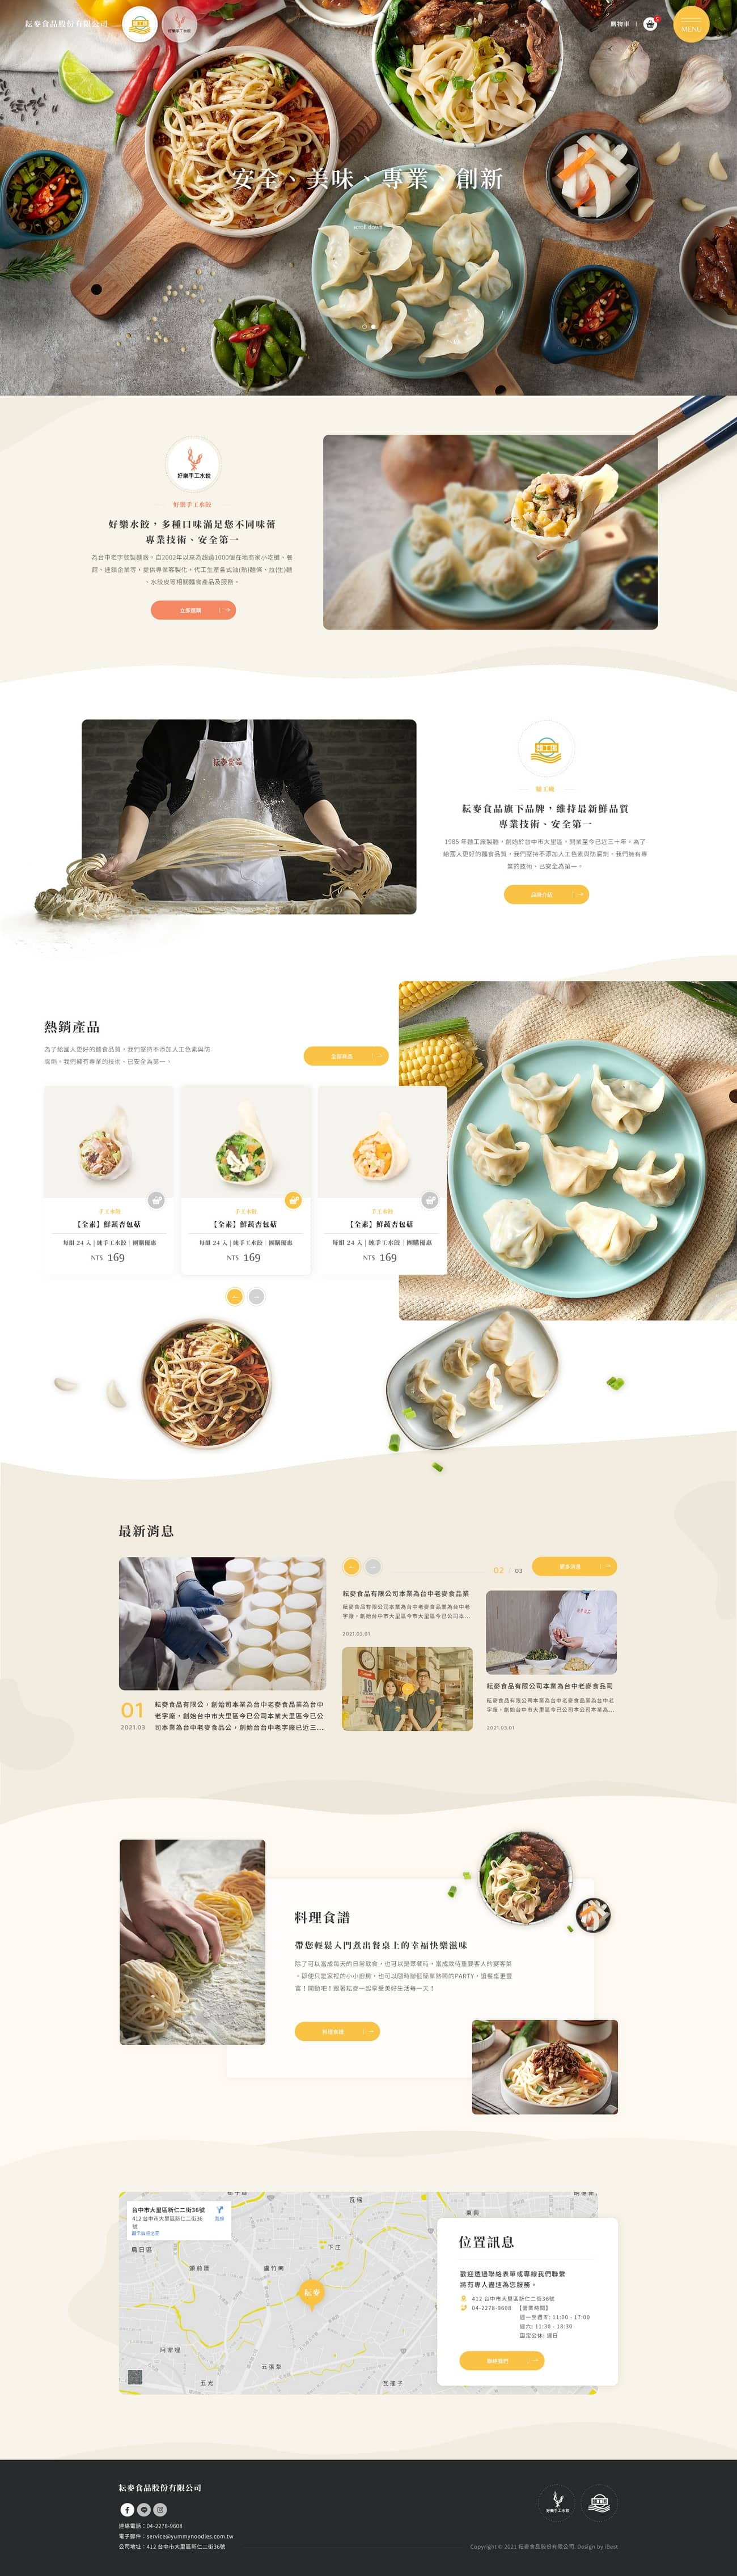 耘麥食品-網頁設計